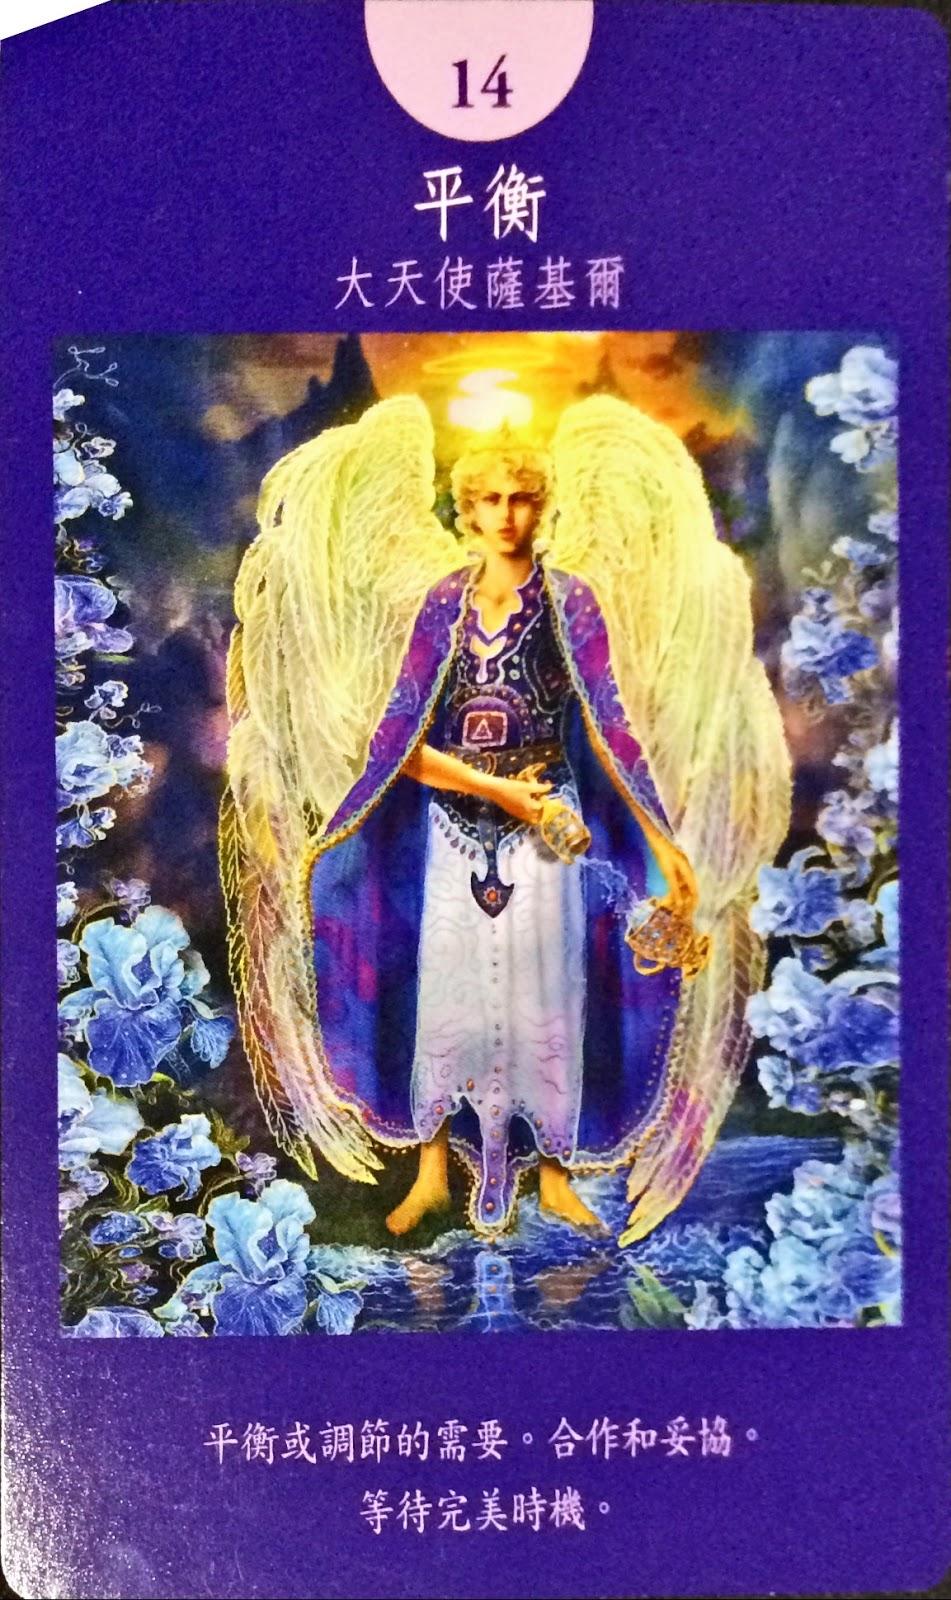 「大天使薩基爾」的圖片搜尋結果